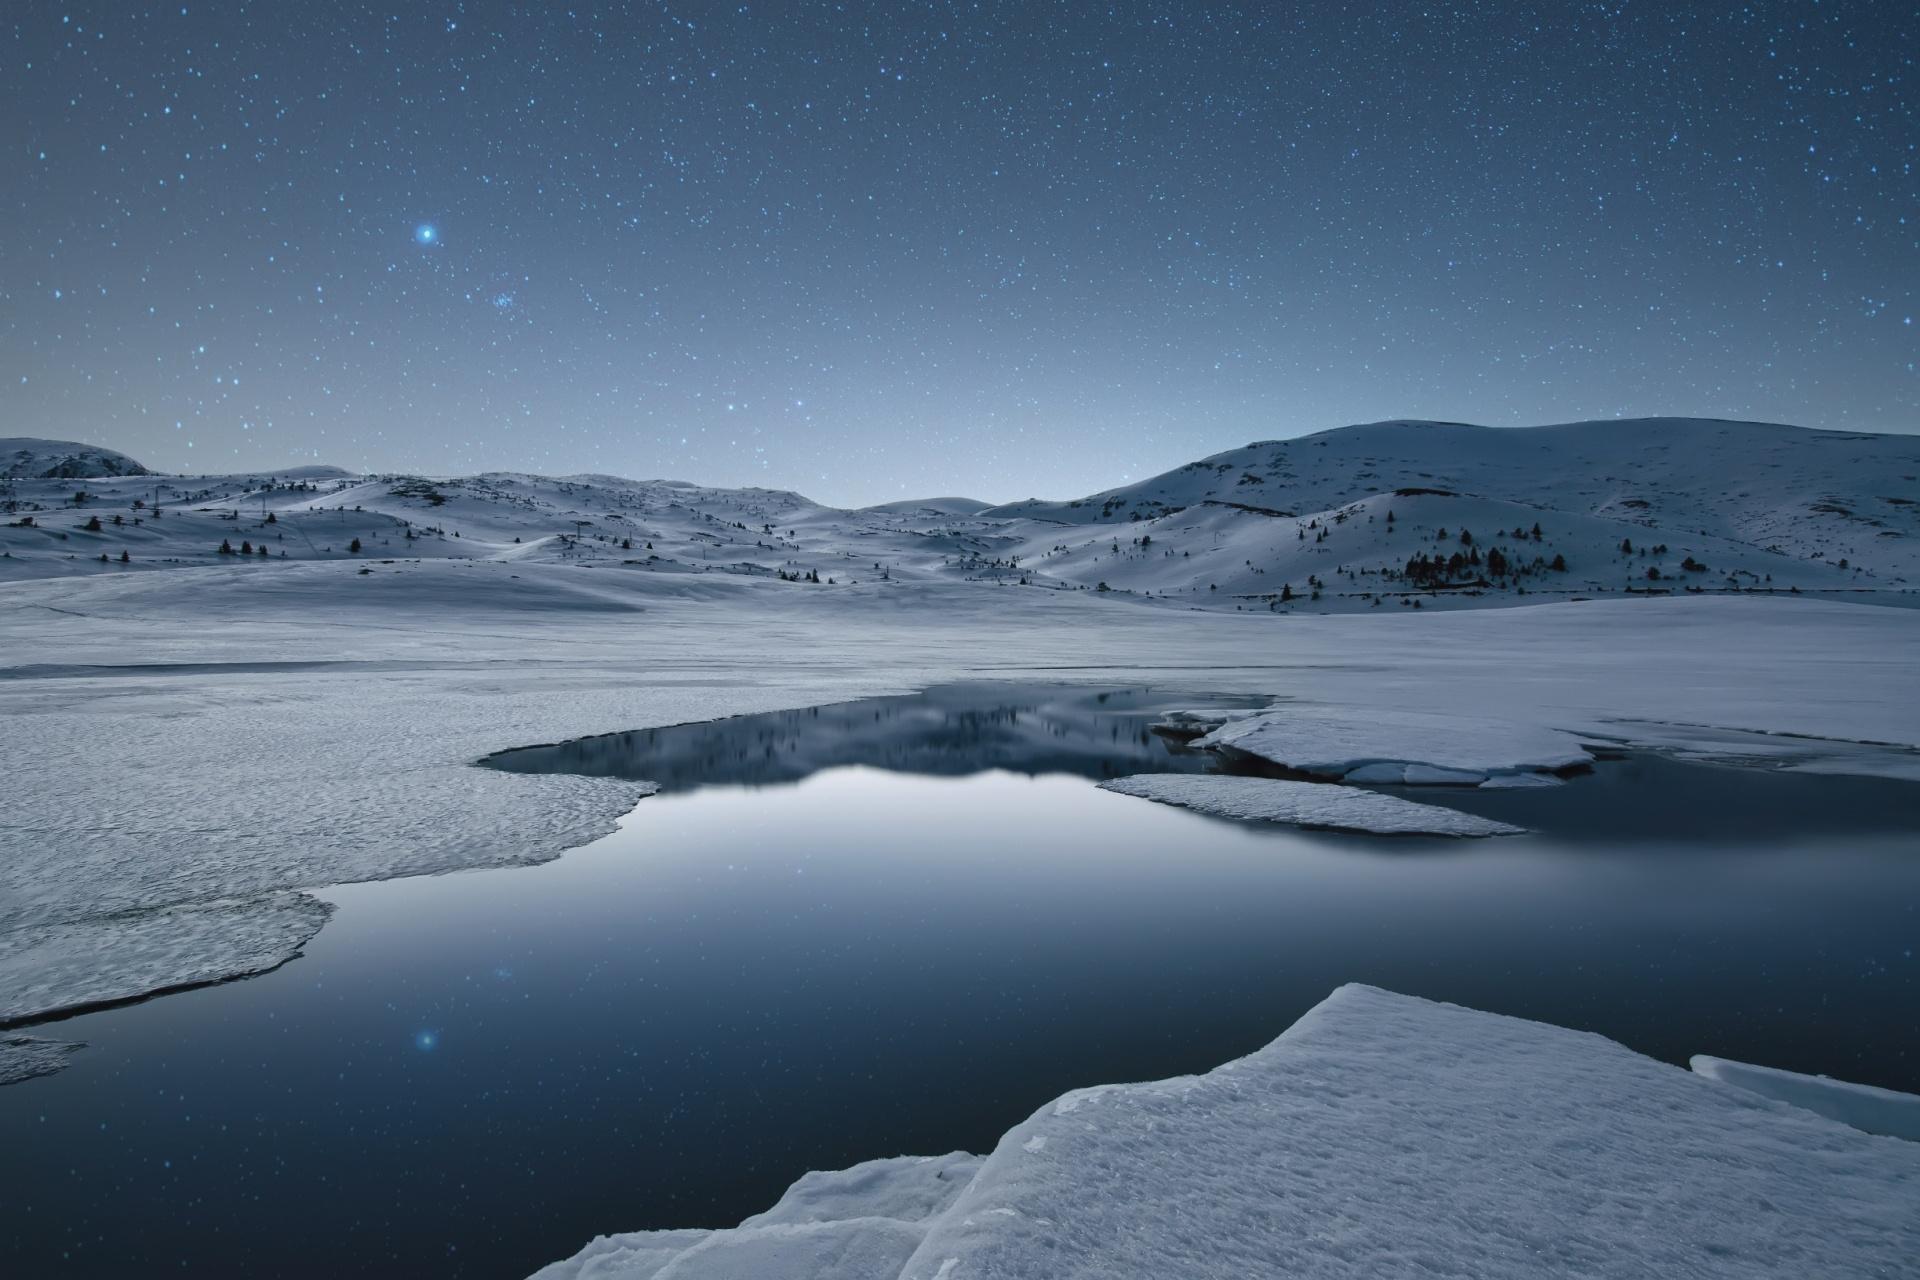 夜のベルメケン湖と星空 ブルガリアの風景